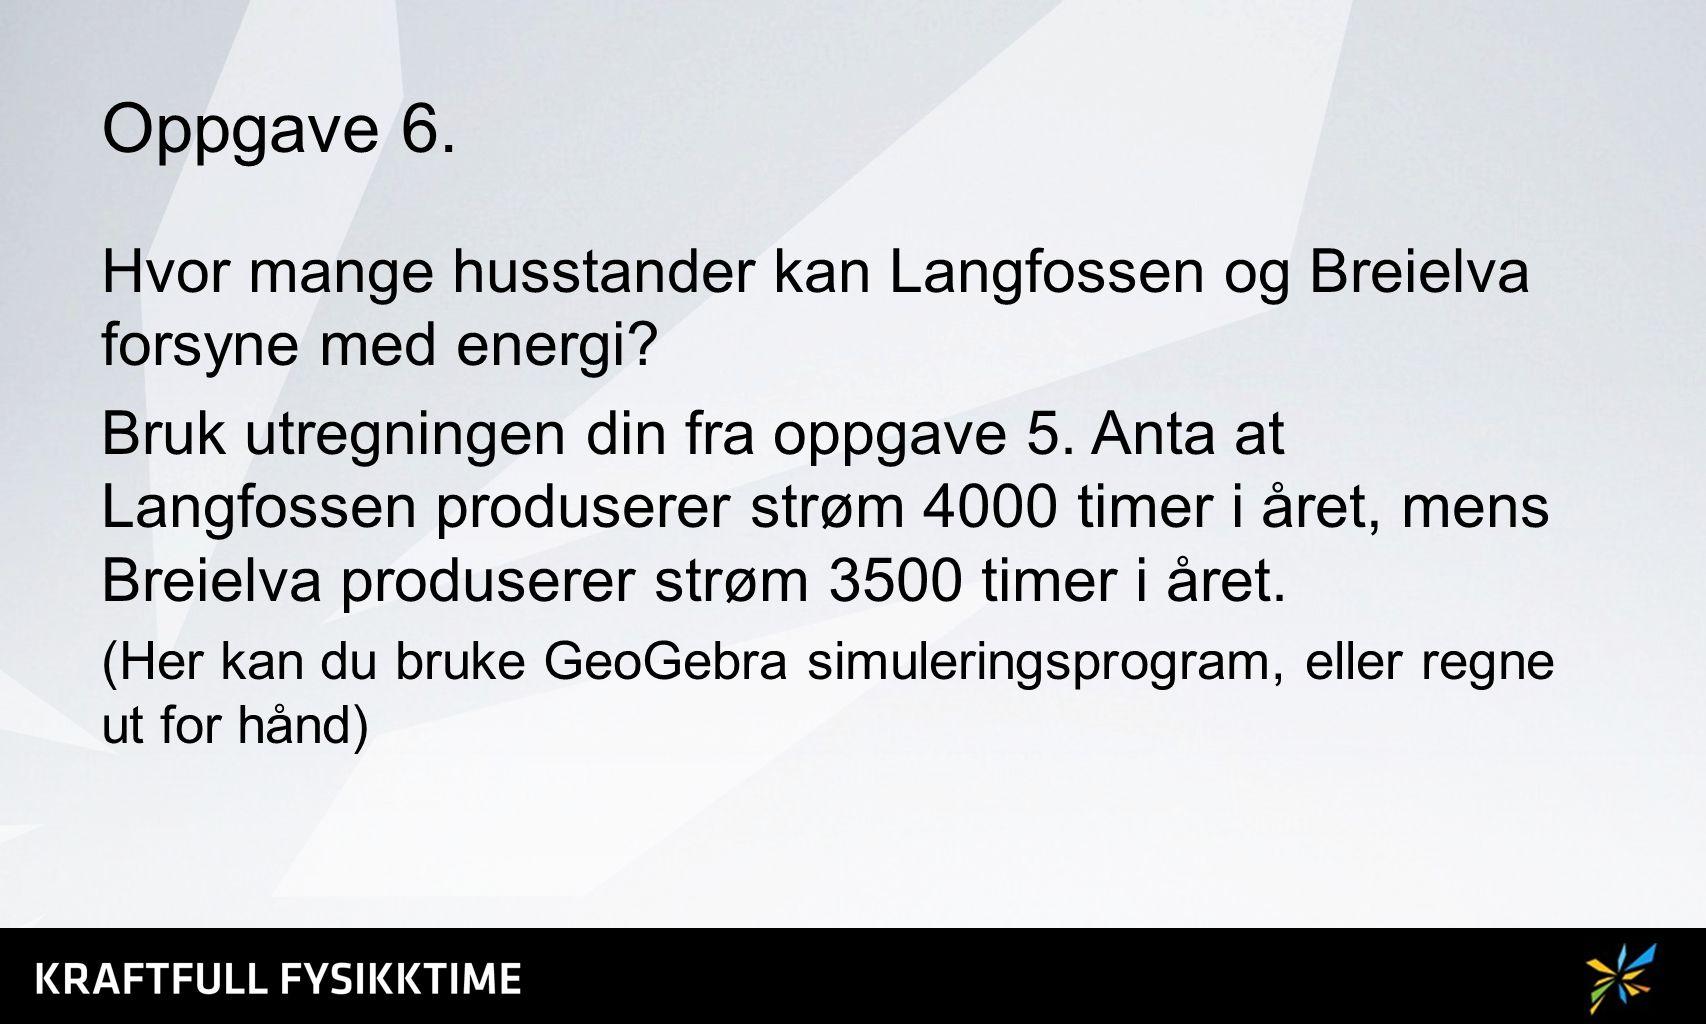 Oppgave 6. Hvor mange husstander kan Langfossen og Breielva forsyne med energi? Bruk utregningen din fra oppgave 5. Anta at Langfossen produserer strø